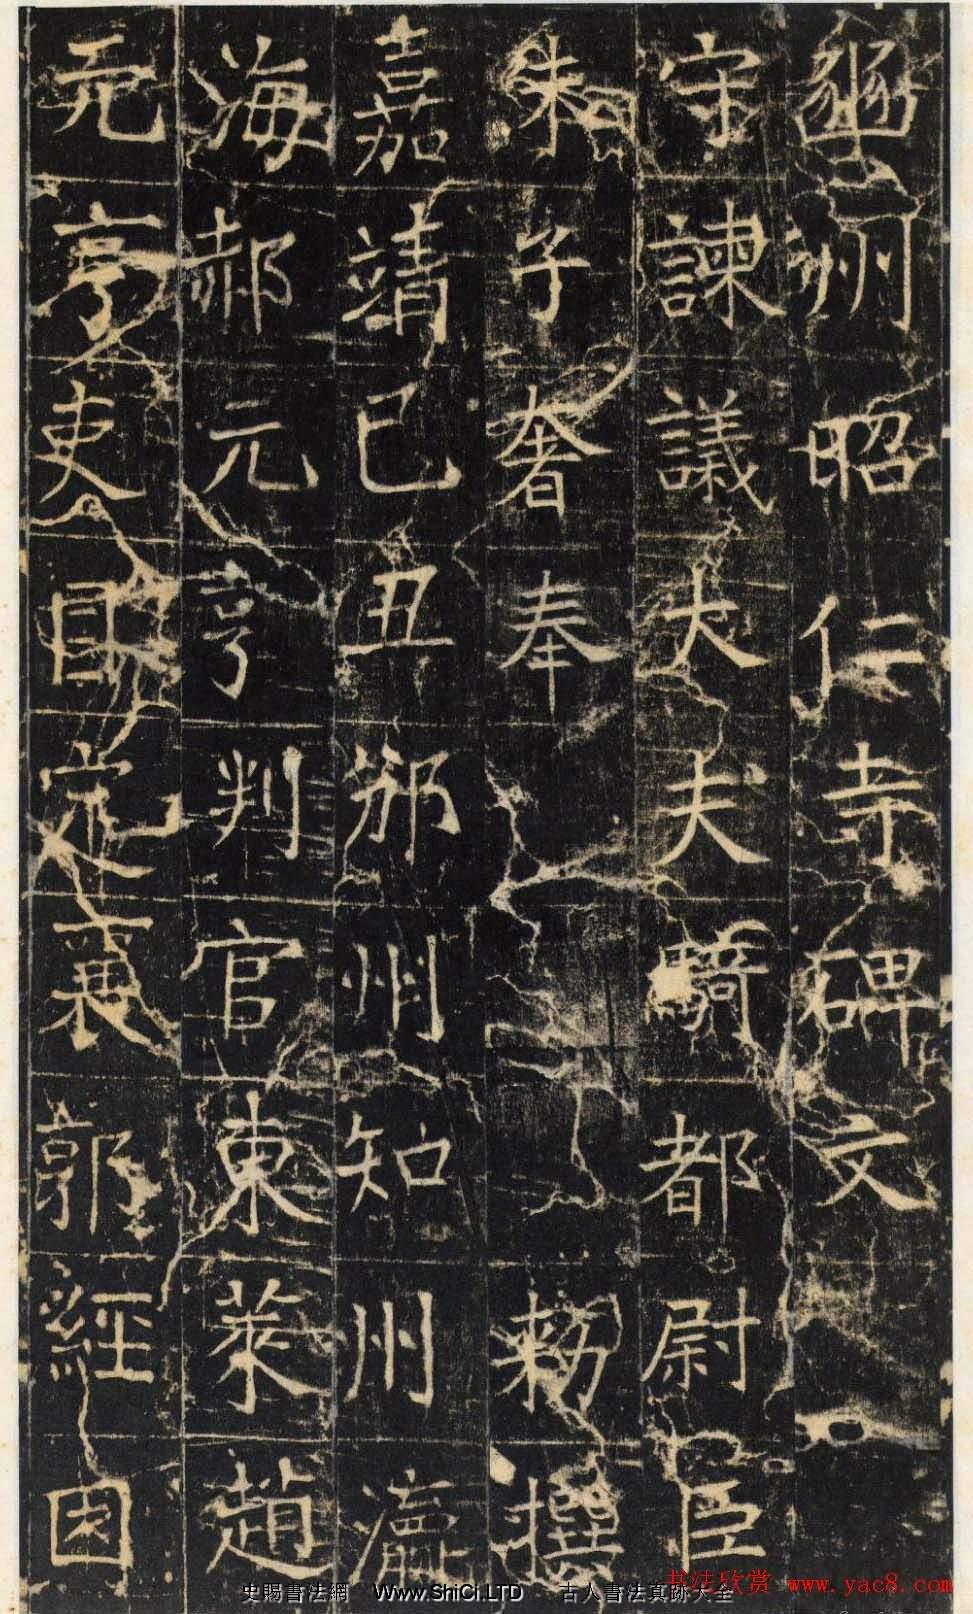 唐代虞世南楷書昭仁寺碑(共3張圖片)